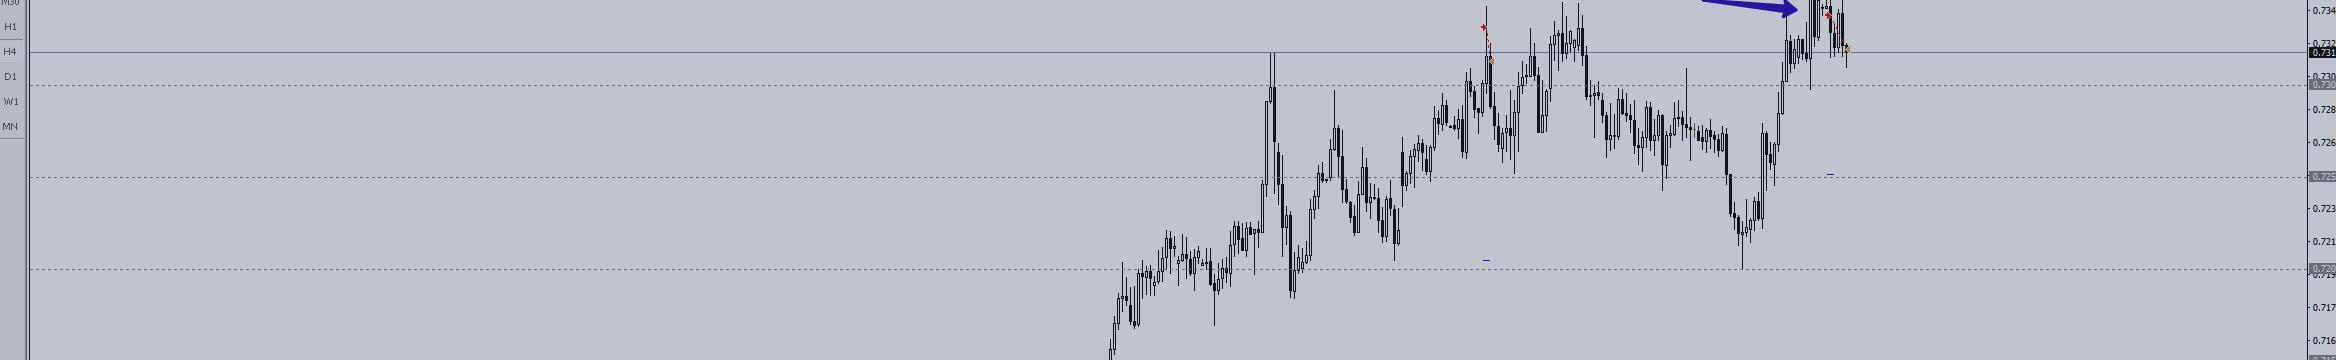 Сделка по паре NZD/USD